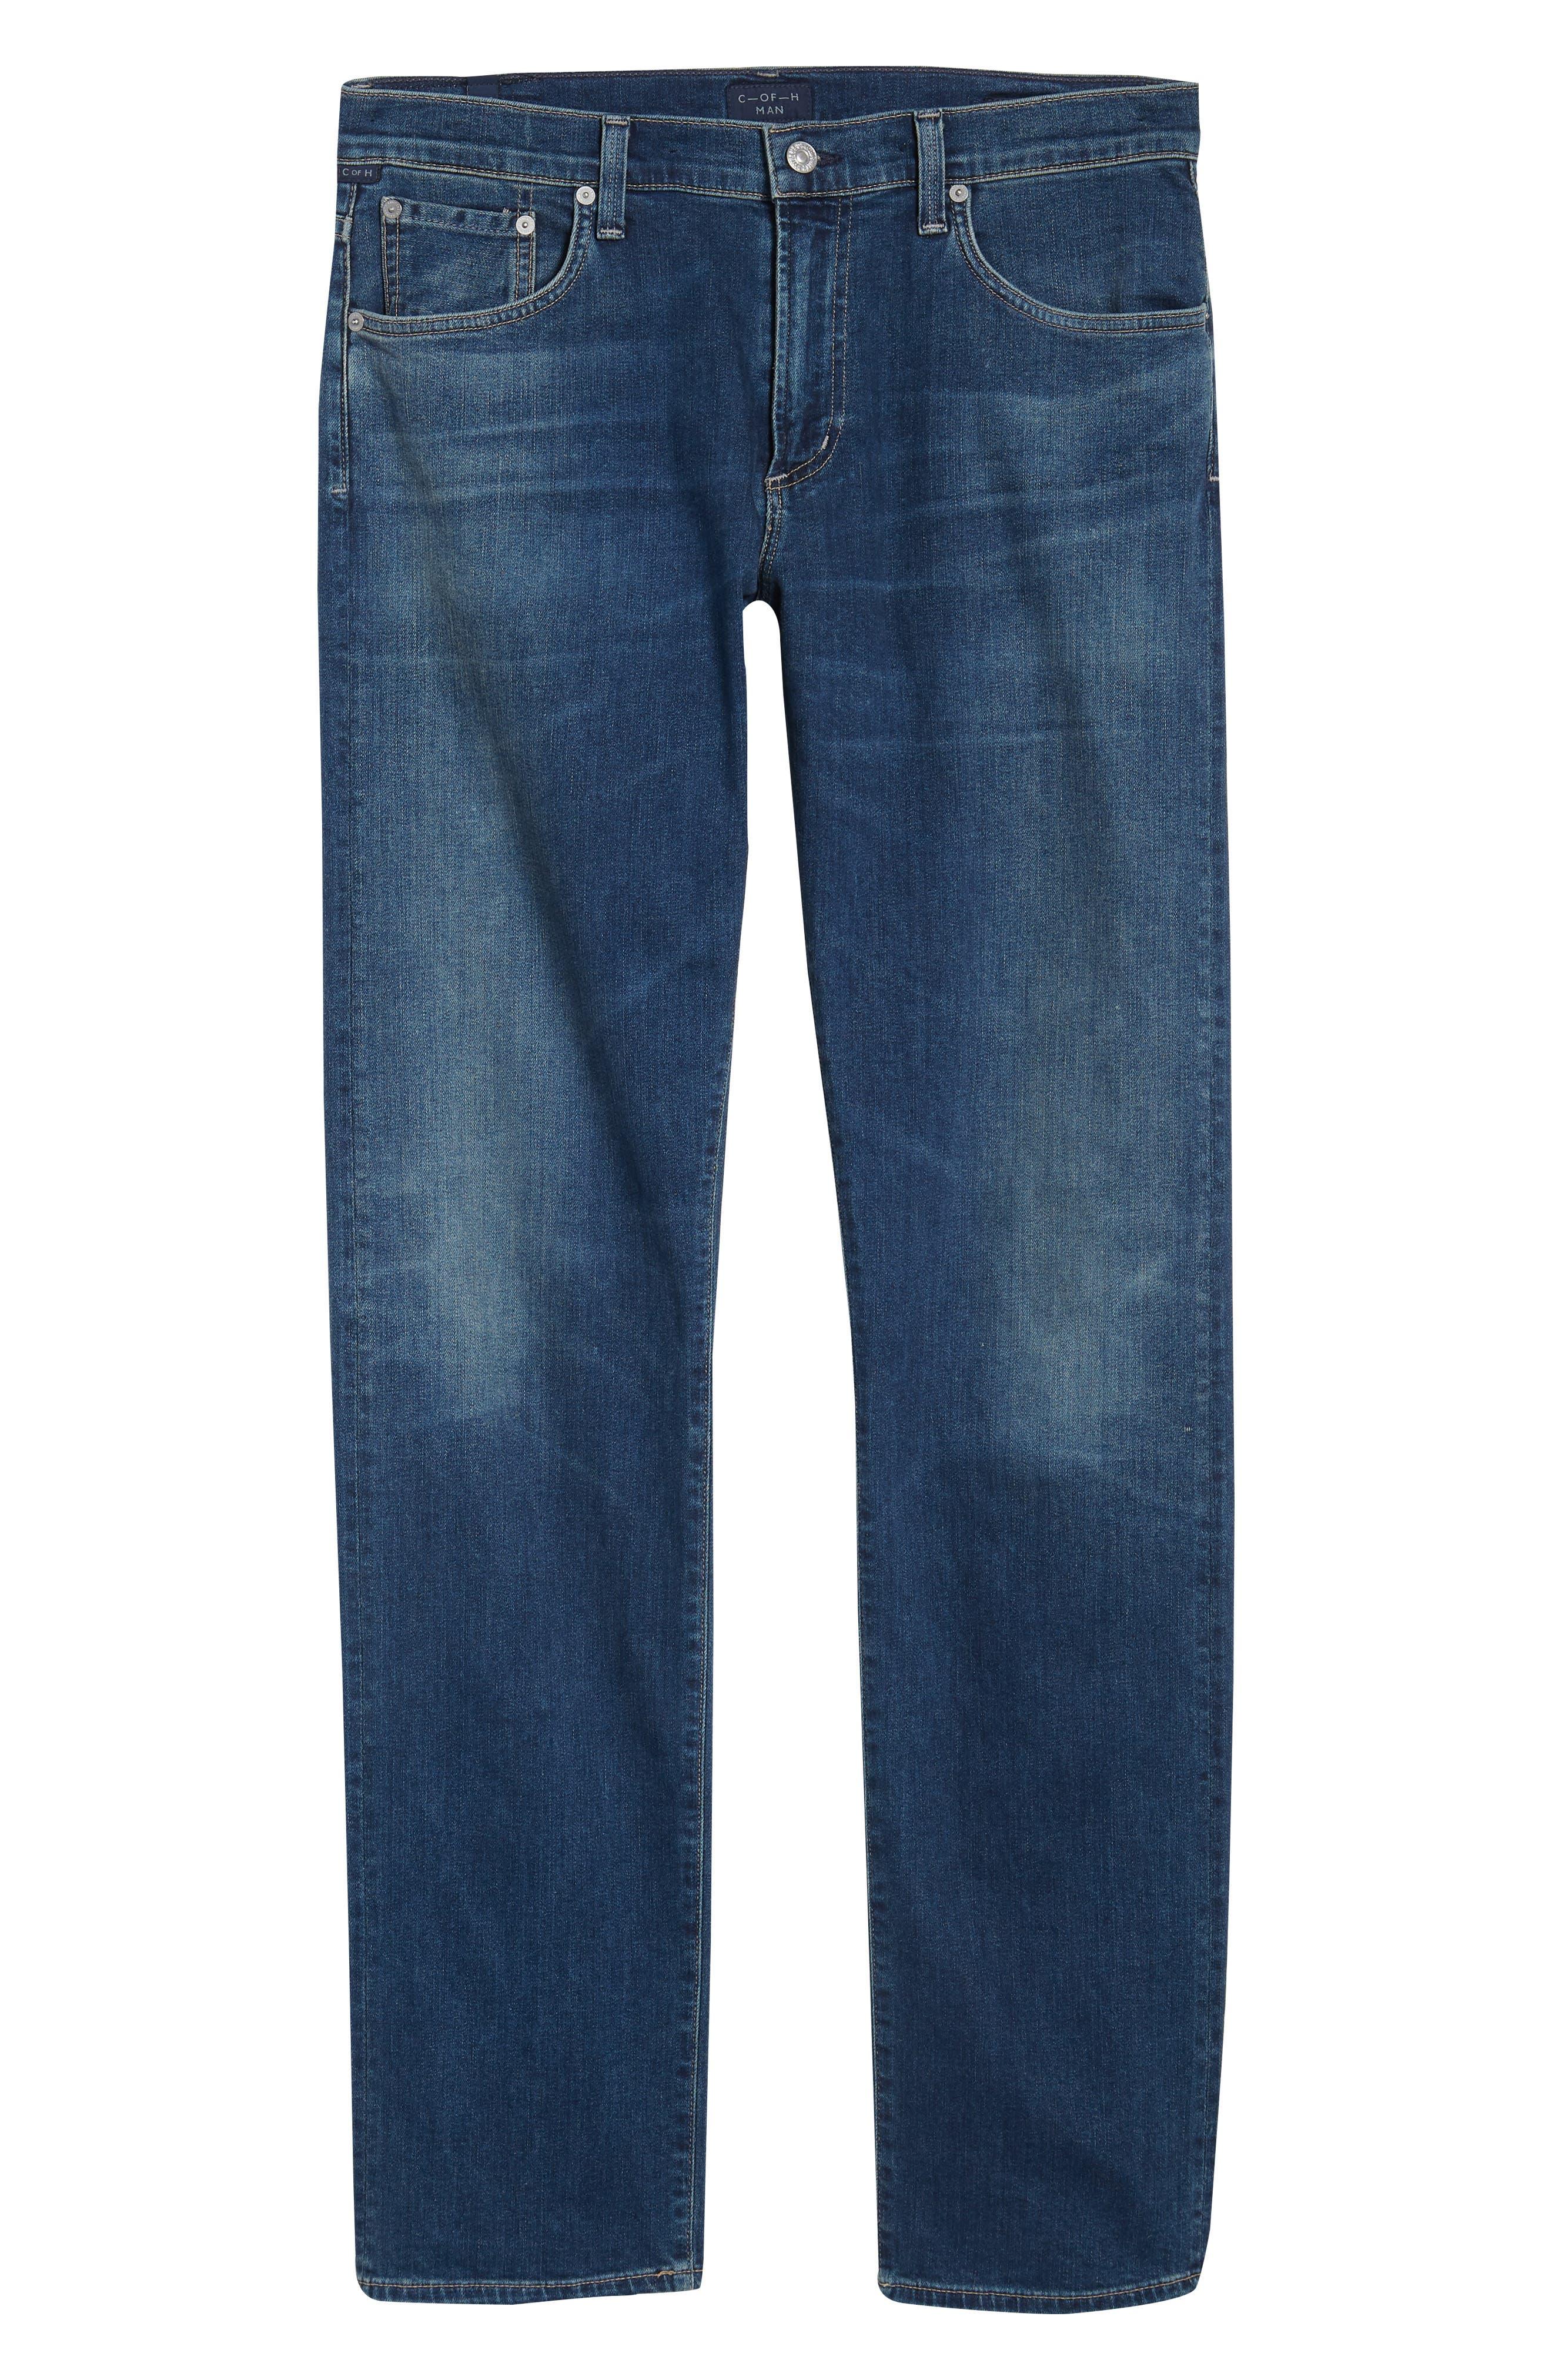 Core Slim Fit Jeans,                             Alternate thumbnail 6, color,                             Unison